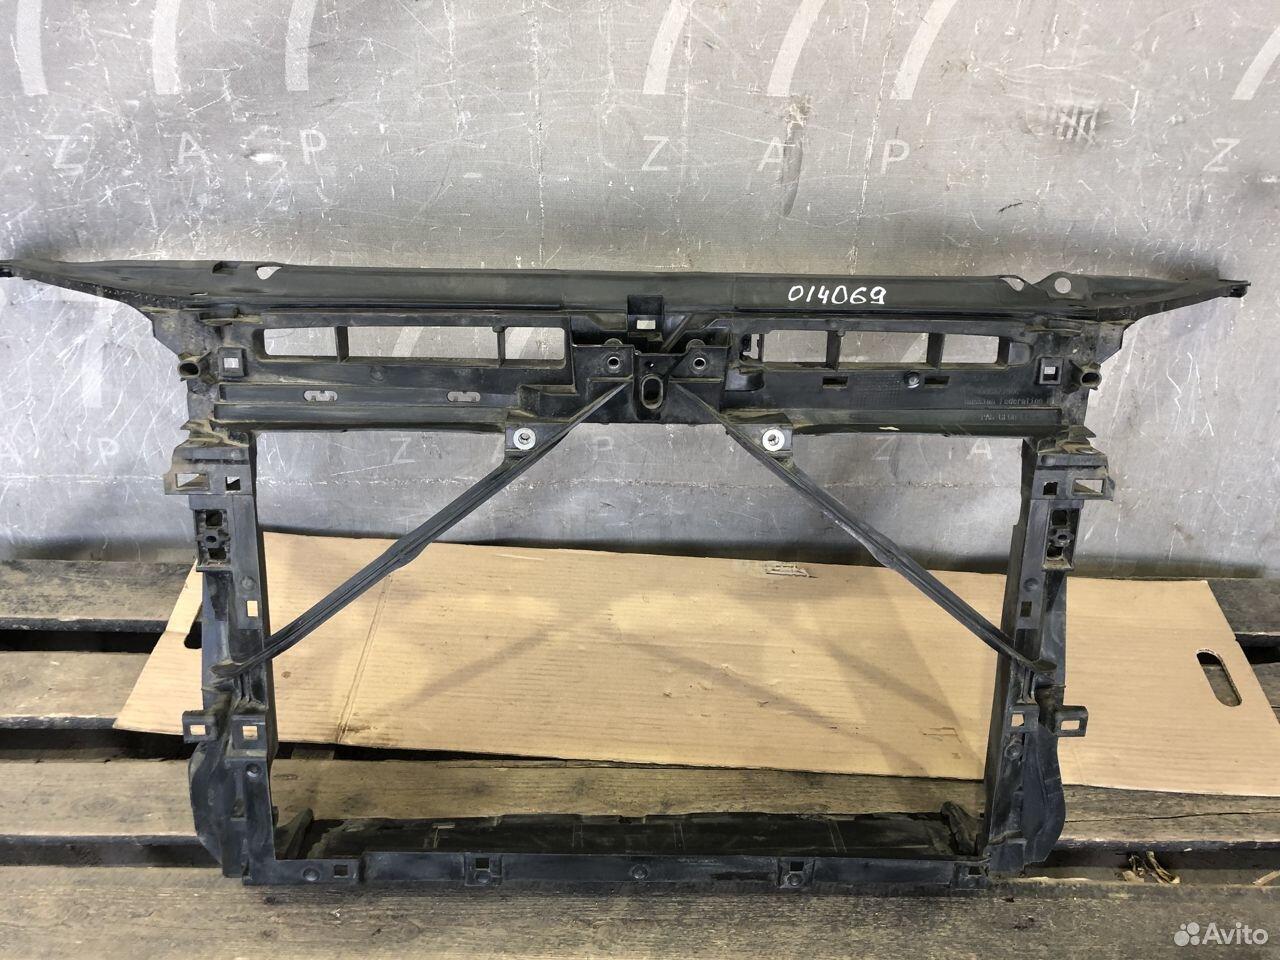 Панель передняя Skoda Octavia A7 б/у оригинал  89257556682 купить 1